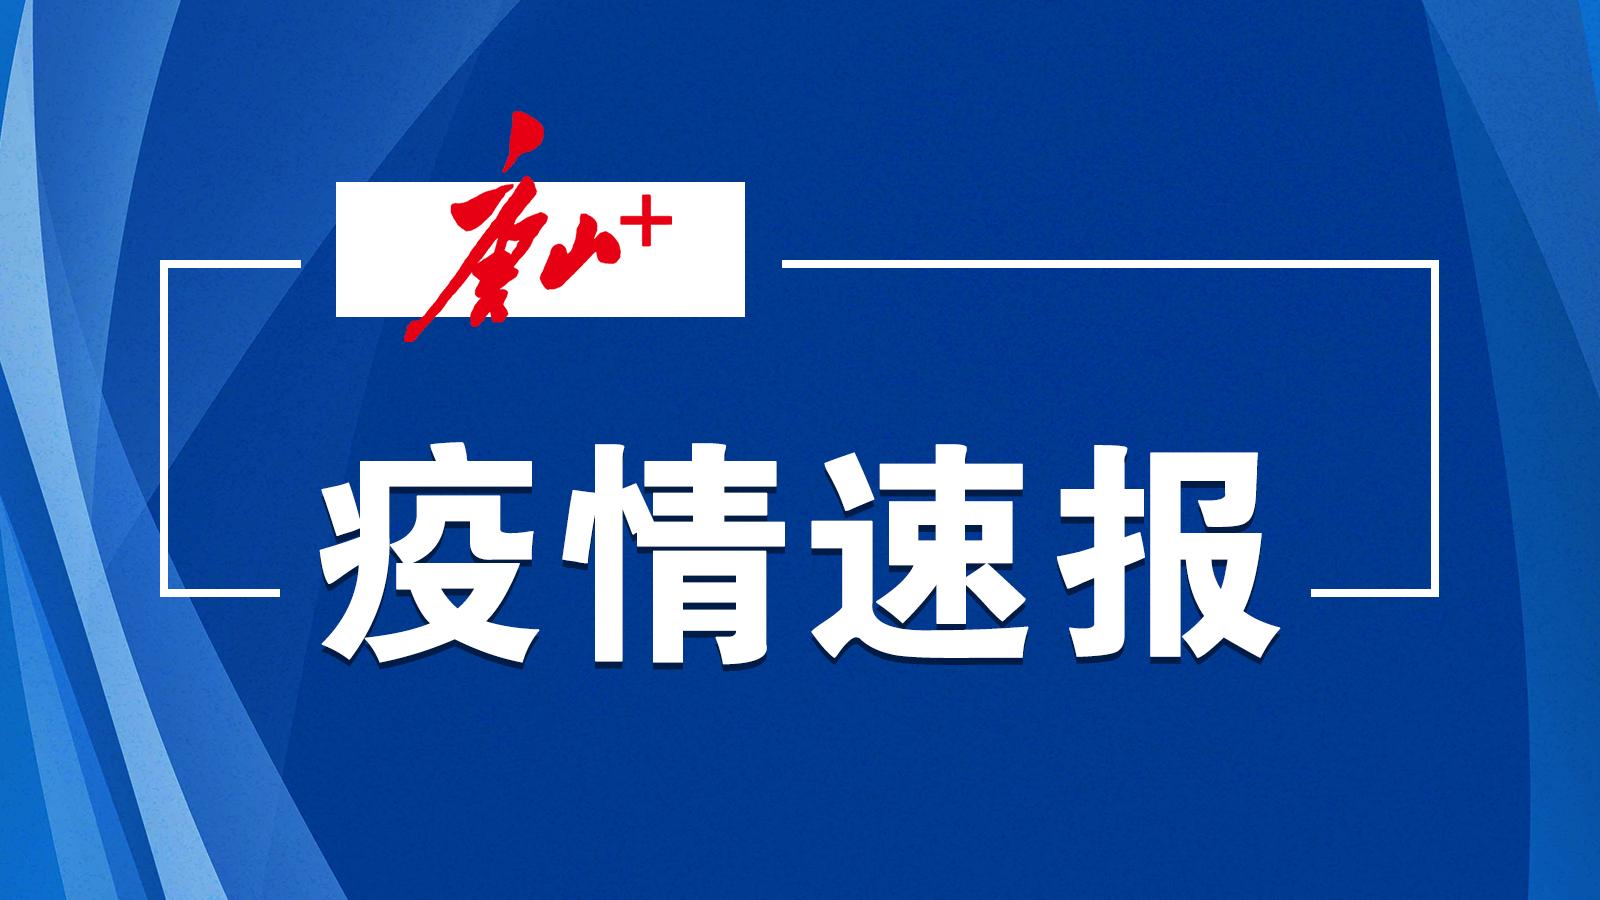 2021年4月10日河北省新型冠状病毒肺炎疫情情况